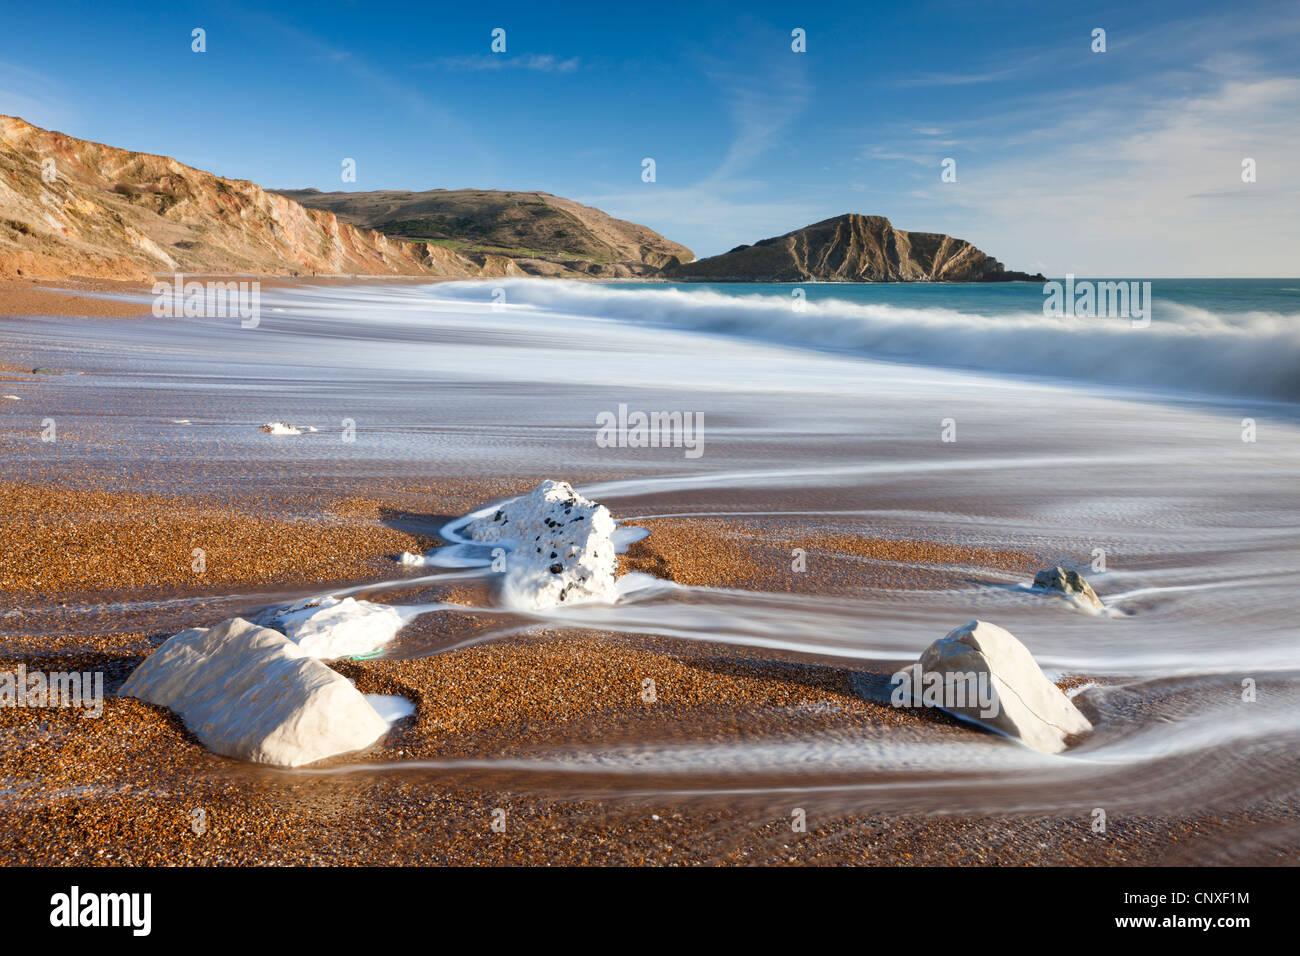 Wellen Waschen sauber den schönen Strand an der Worbarrow Bucht an der Jurassic Coast, Dorset, England. Winter Stockbild